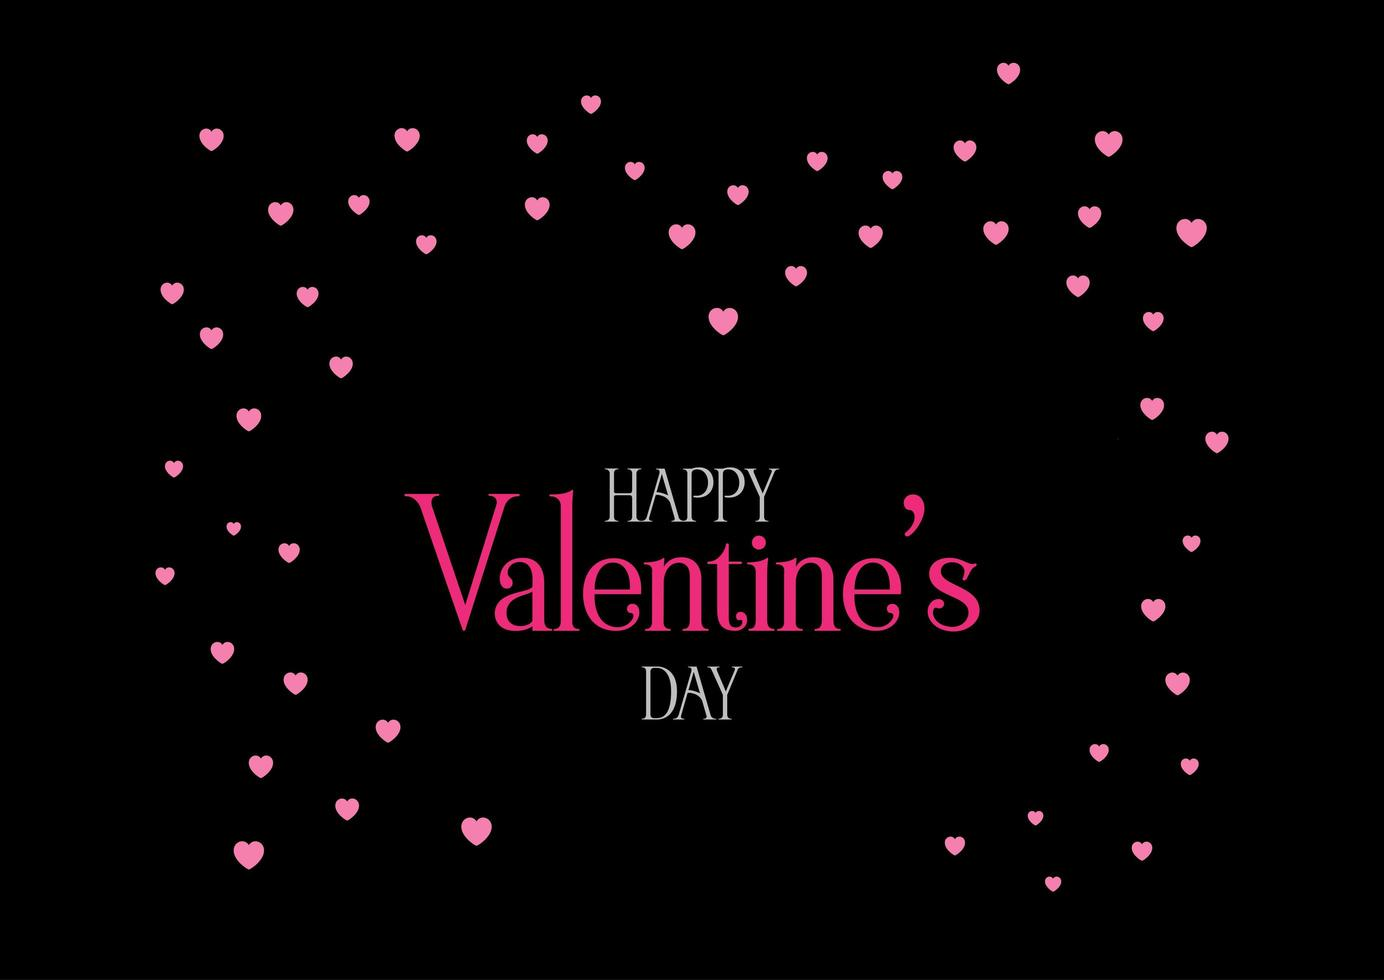 Dark Valentine's Day background with Pink hearts